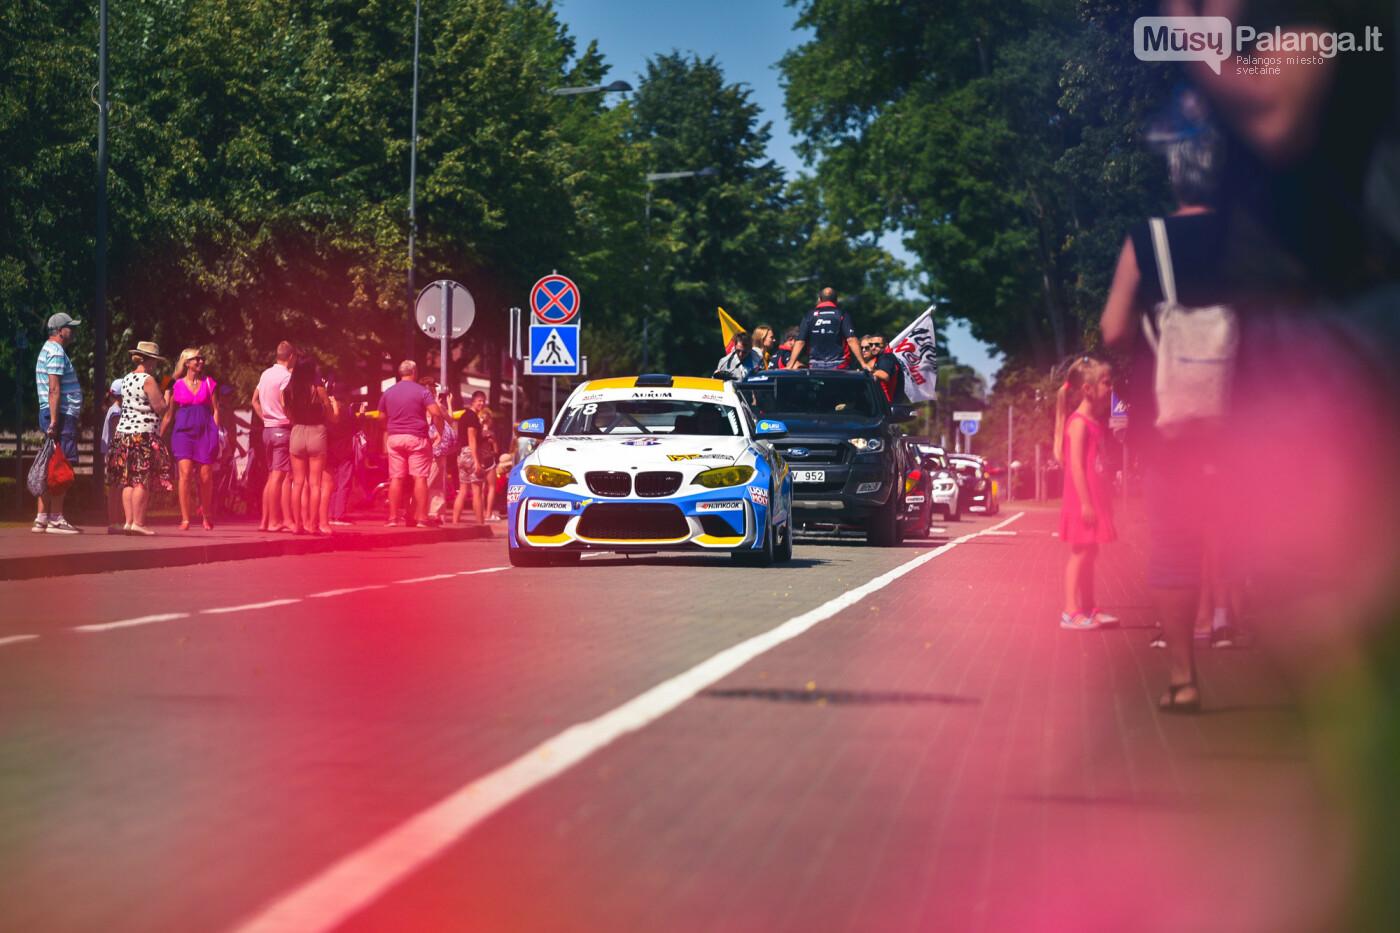 """Palanga alsuoja """"Aurum 1006 km lenktynių"""" ritmu, nuotrauka-39, Vytauto PILKAUSKO ir Arno STRUMILOS nuotr."""